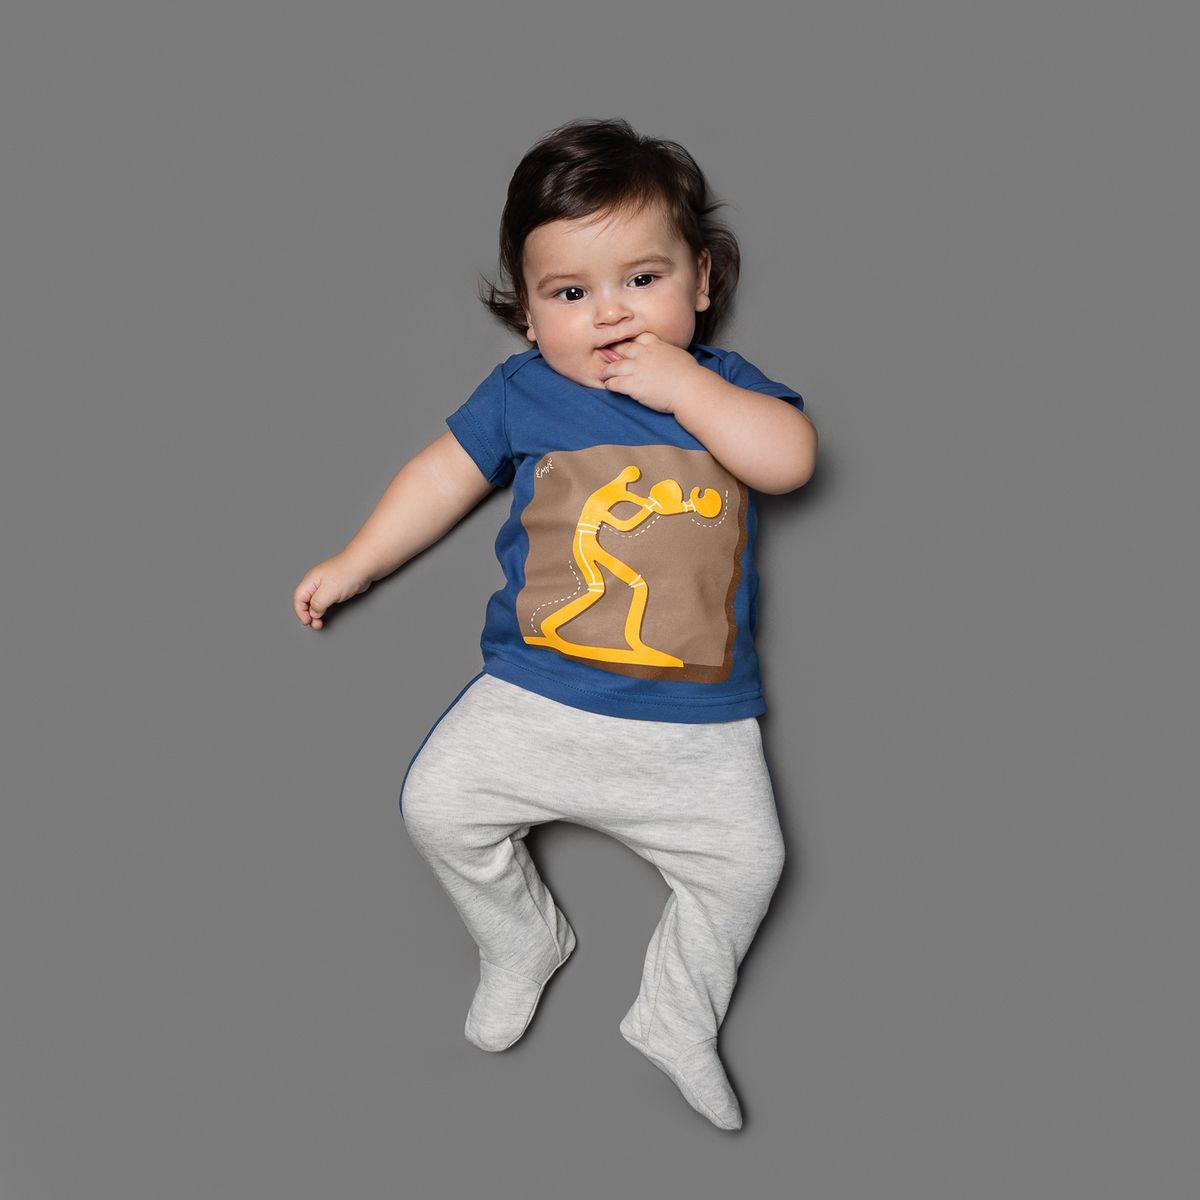 Ползунки для мальчика Ёмаё, цвет: серый меланж. 26-252. Размер 6226-252Ползунки для мальчика Ёмаё выполнены из натурального хлопка.Модель с закрытыми ножками подходят для ношения с подгузником и без него. На талии они имеют широкую трикотажную резинку, не сжимающую животик ребенка. Ползунки оформлены контрастными лампасами.